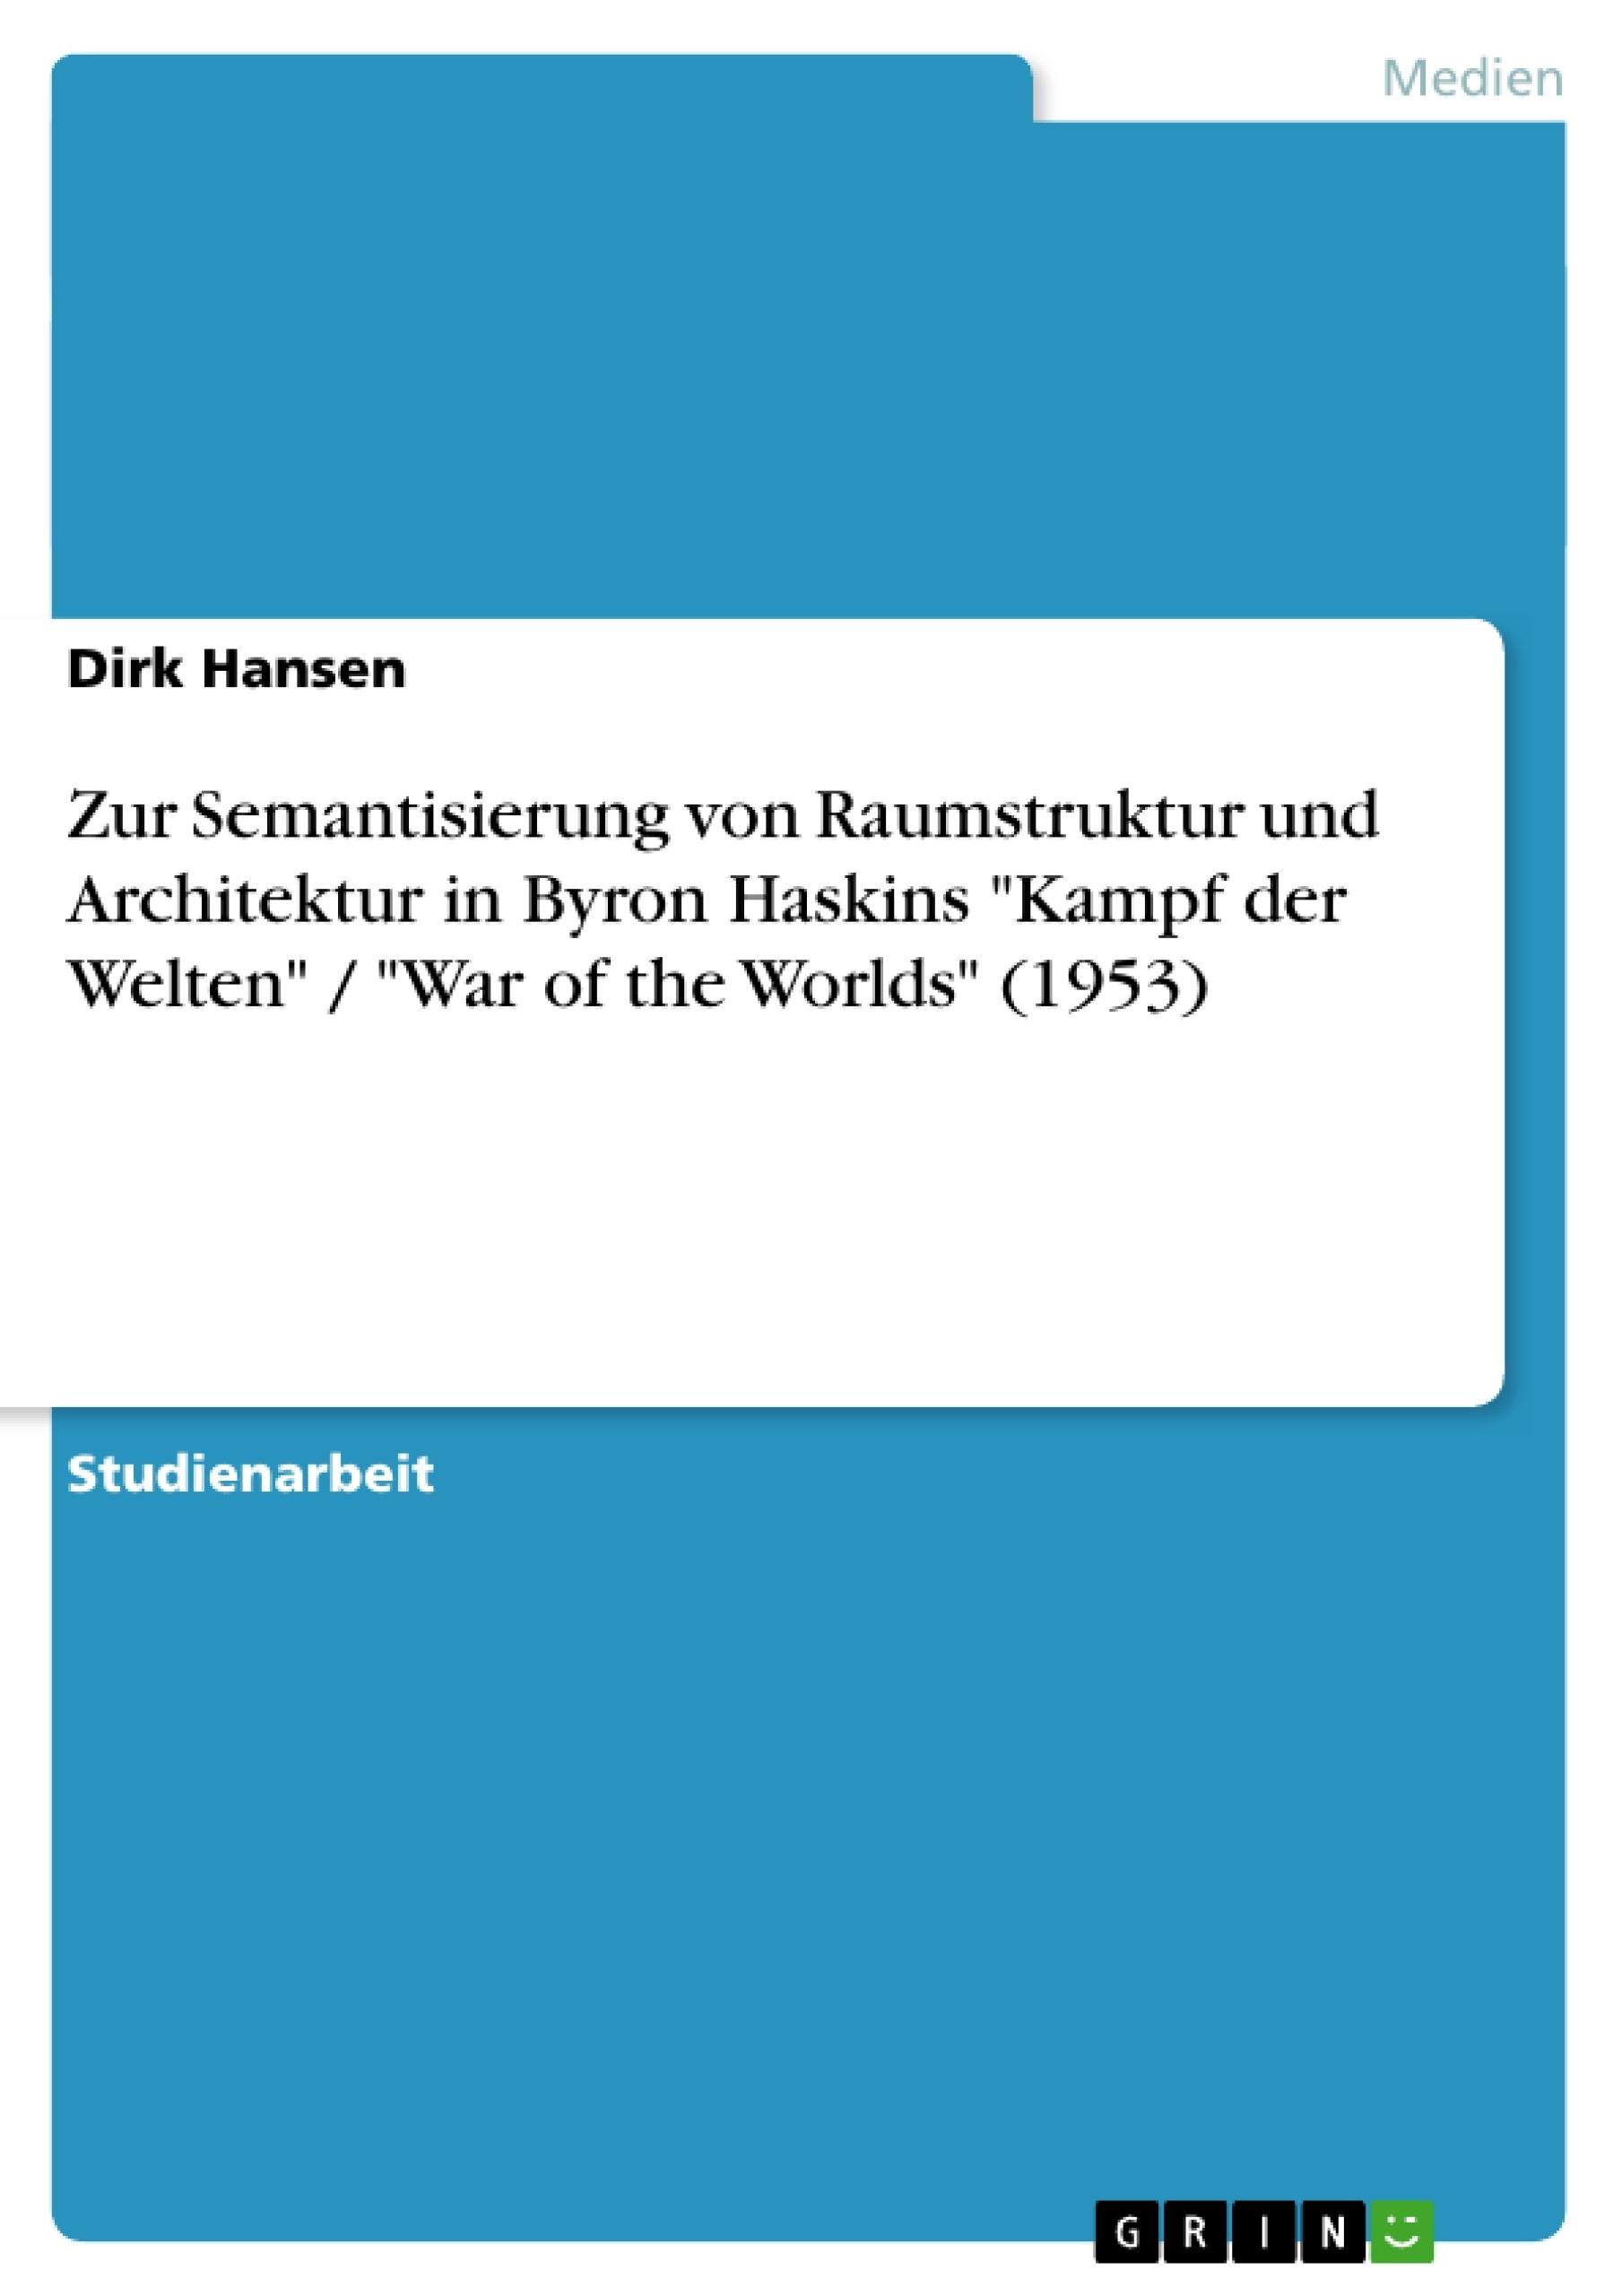 """Titel: Zur Semantisierung von Raumstruktur und Architektur in Byron Haskins """"Kampf der Welten"""" / """"War of the Worlds"""" (1953)"""